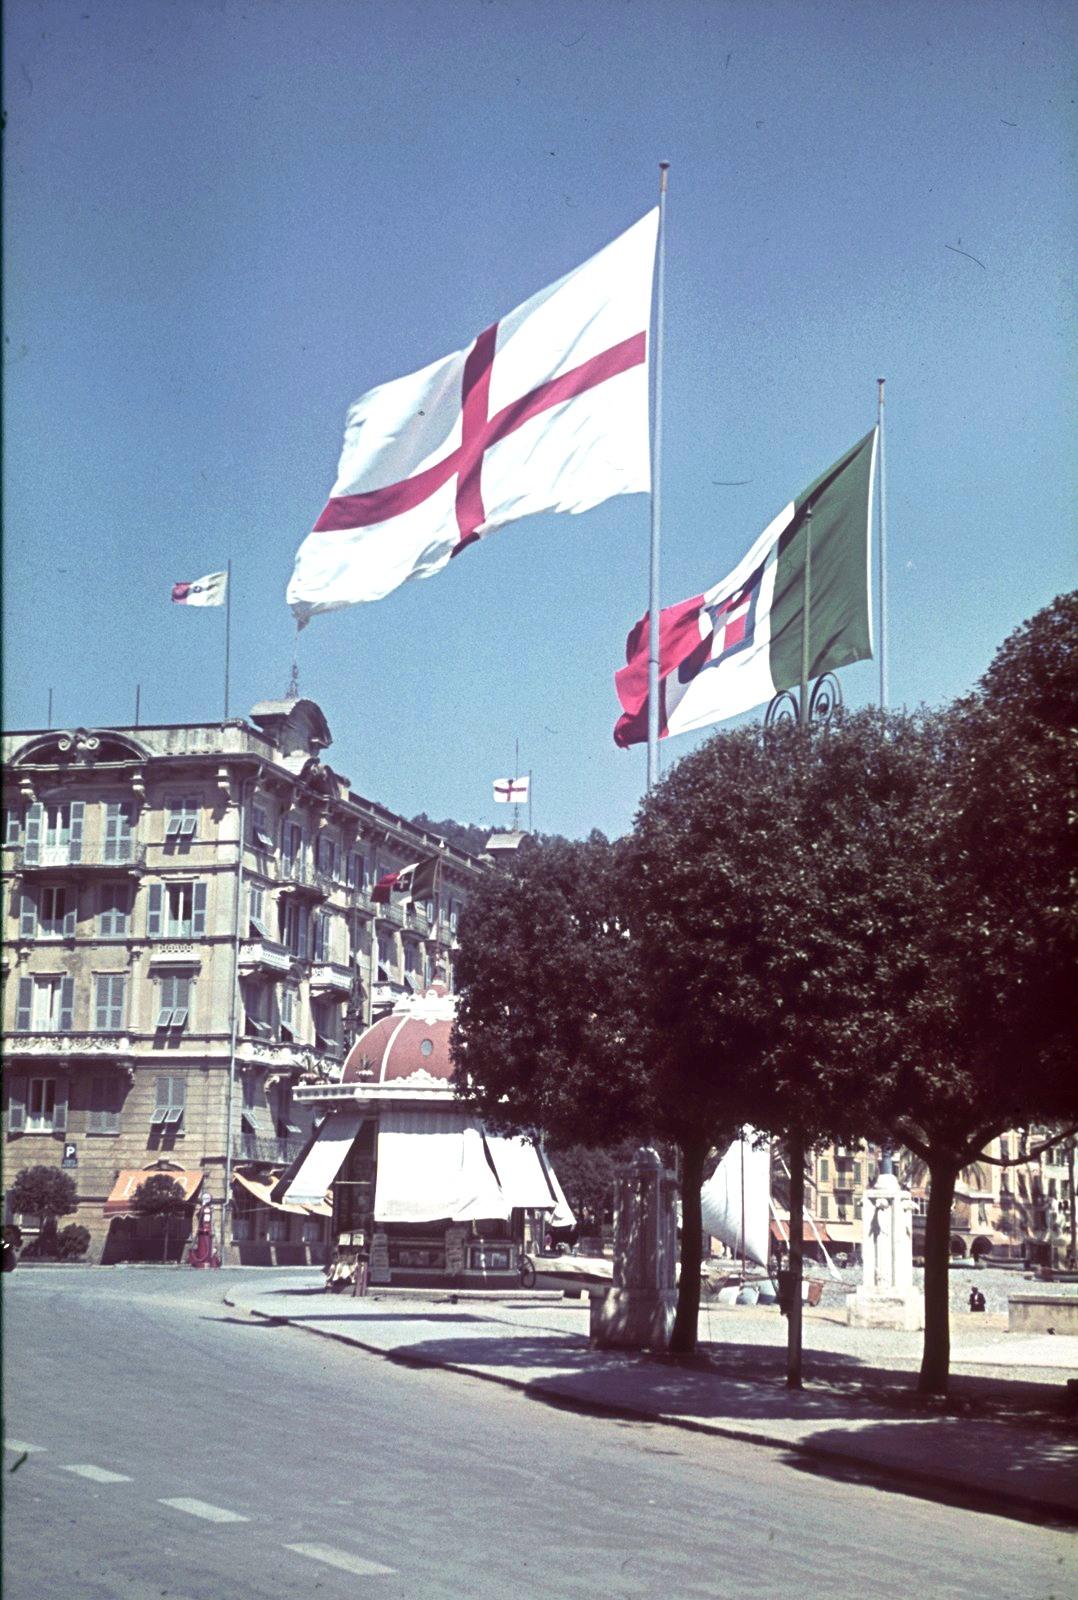 Генуя. Флаги Генуи и Итальянского королевства